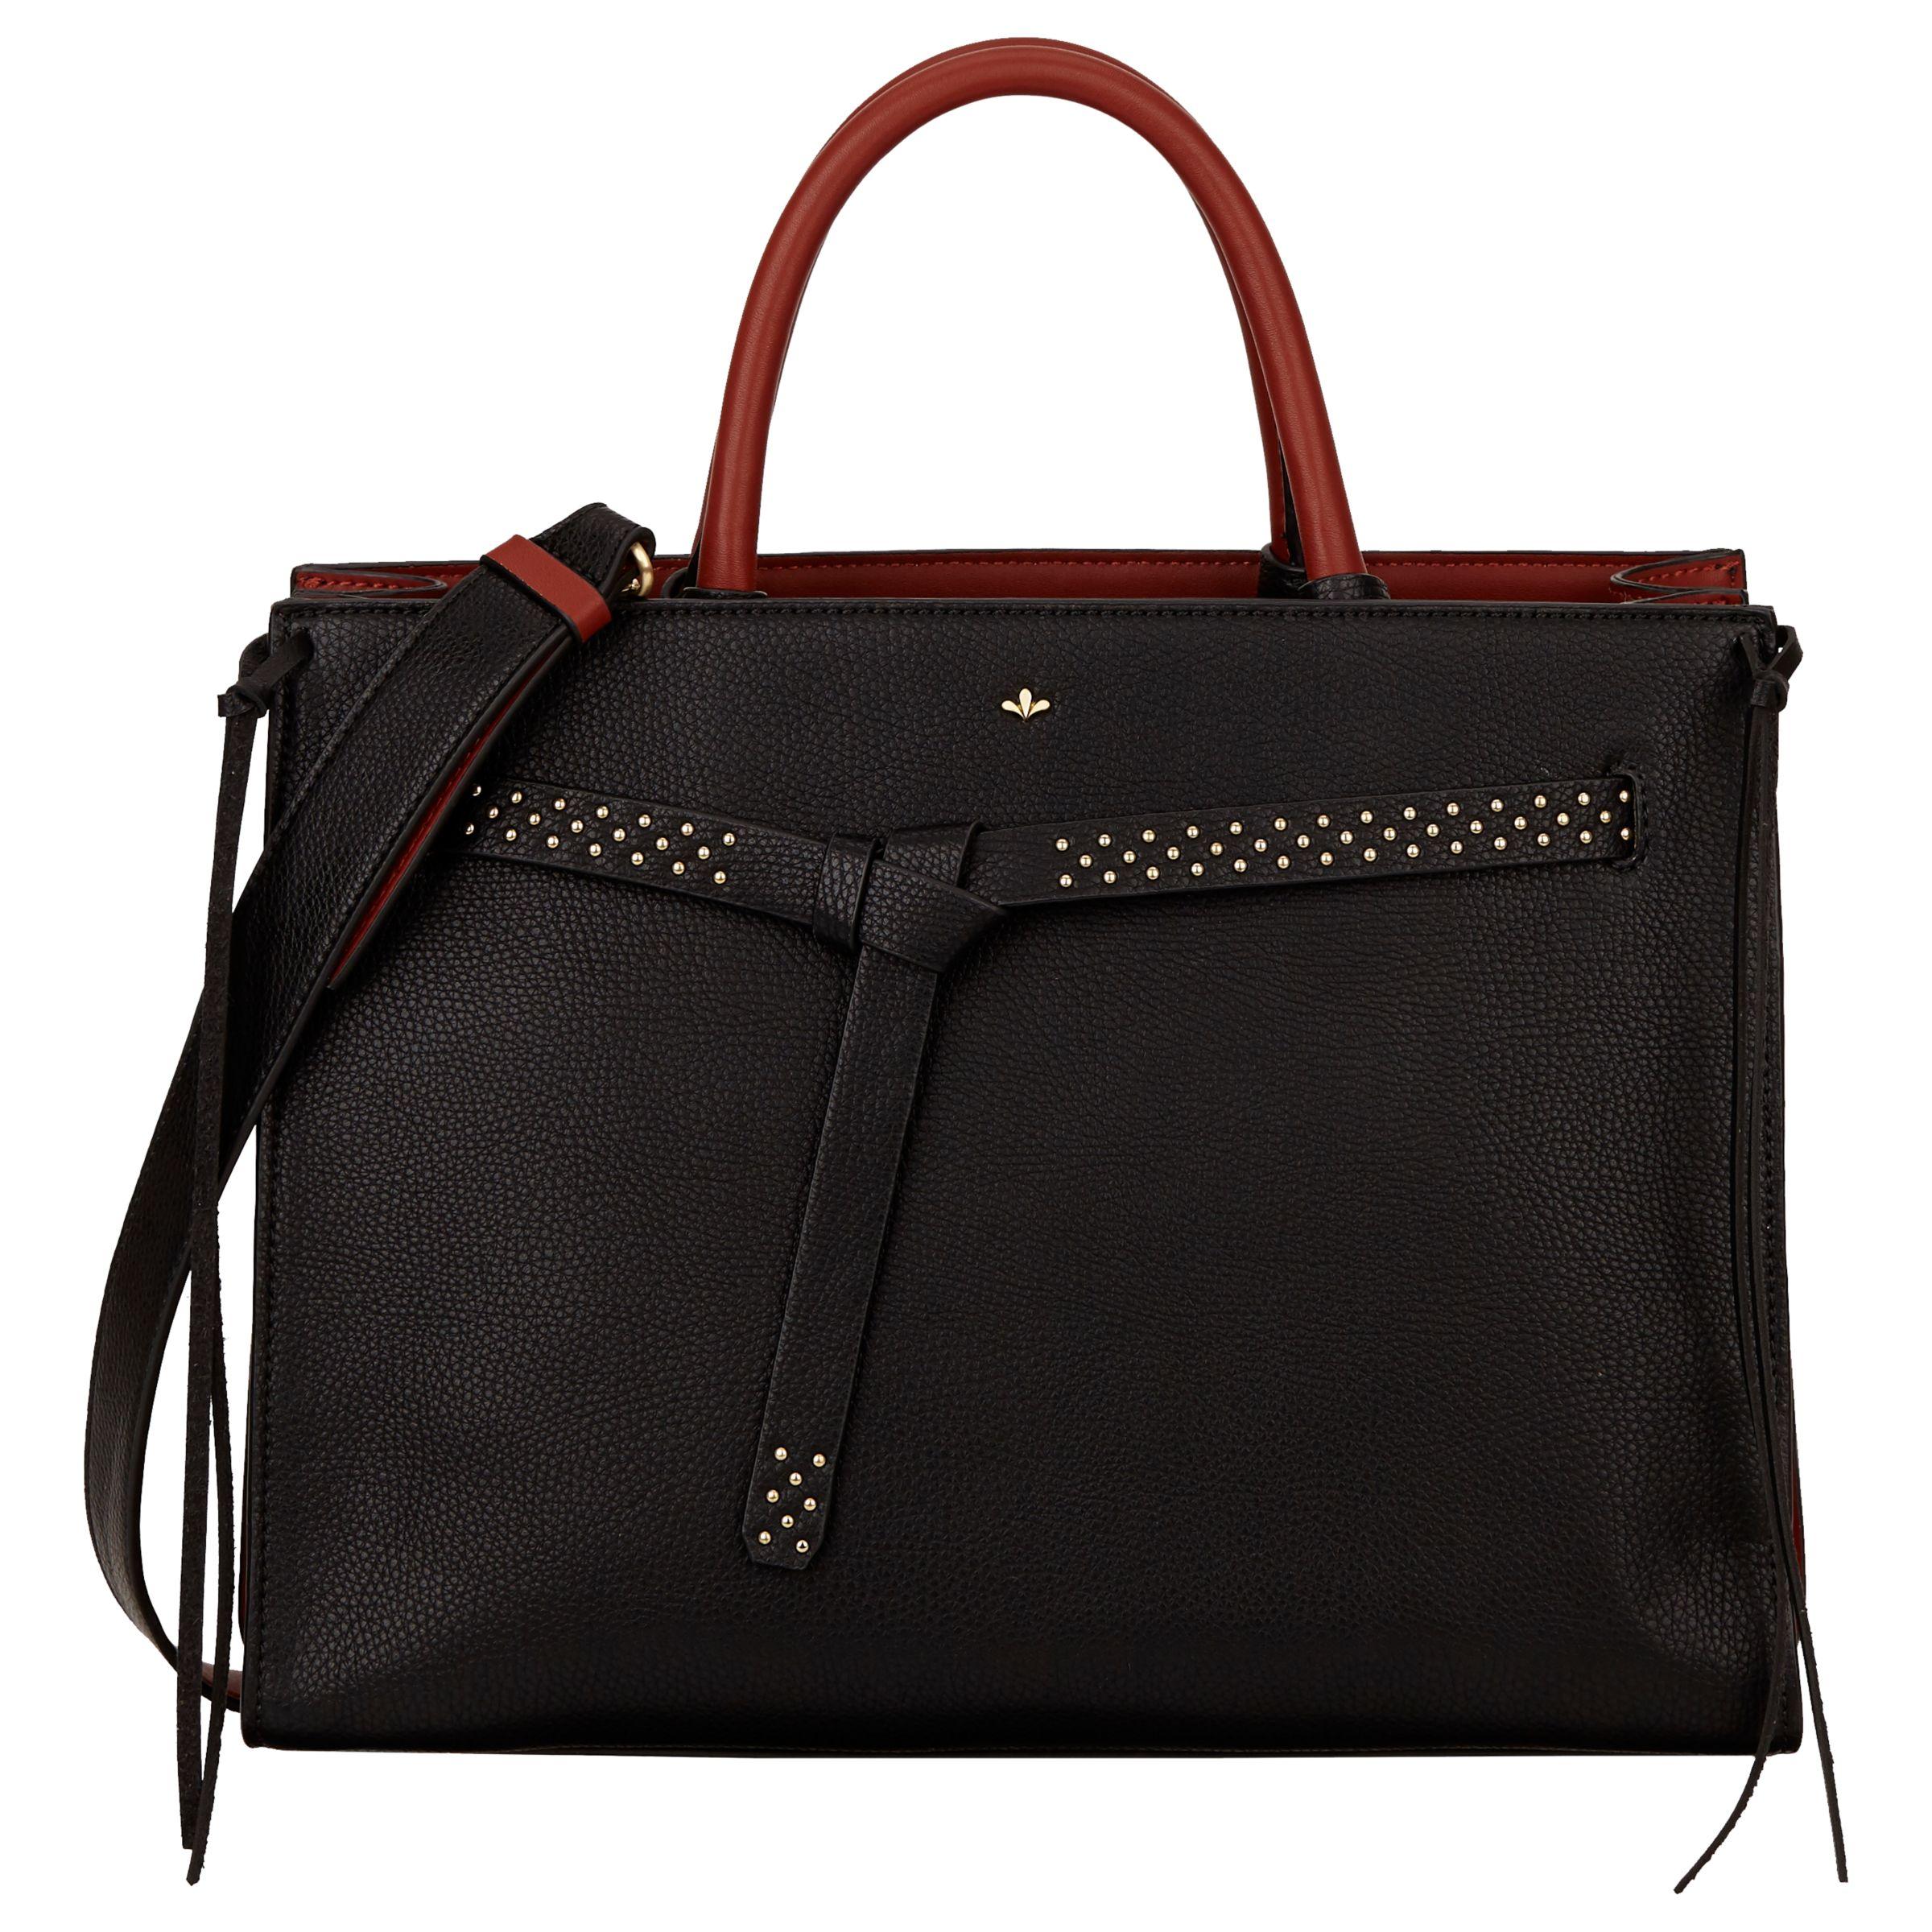 Nica Nica Selma Large Grab Bag